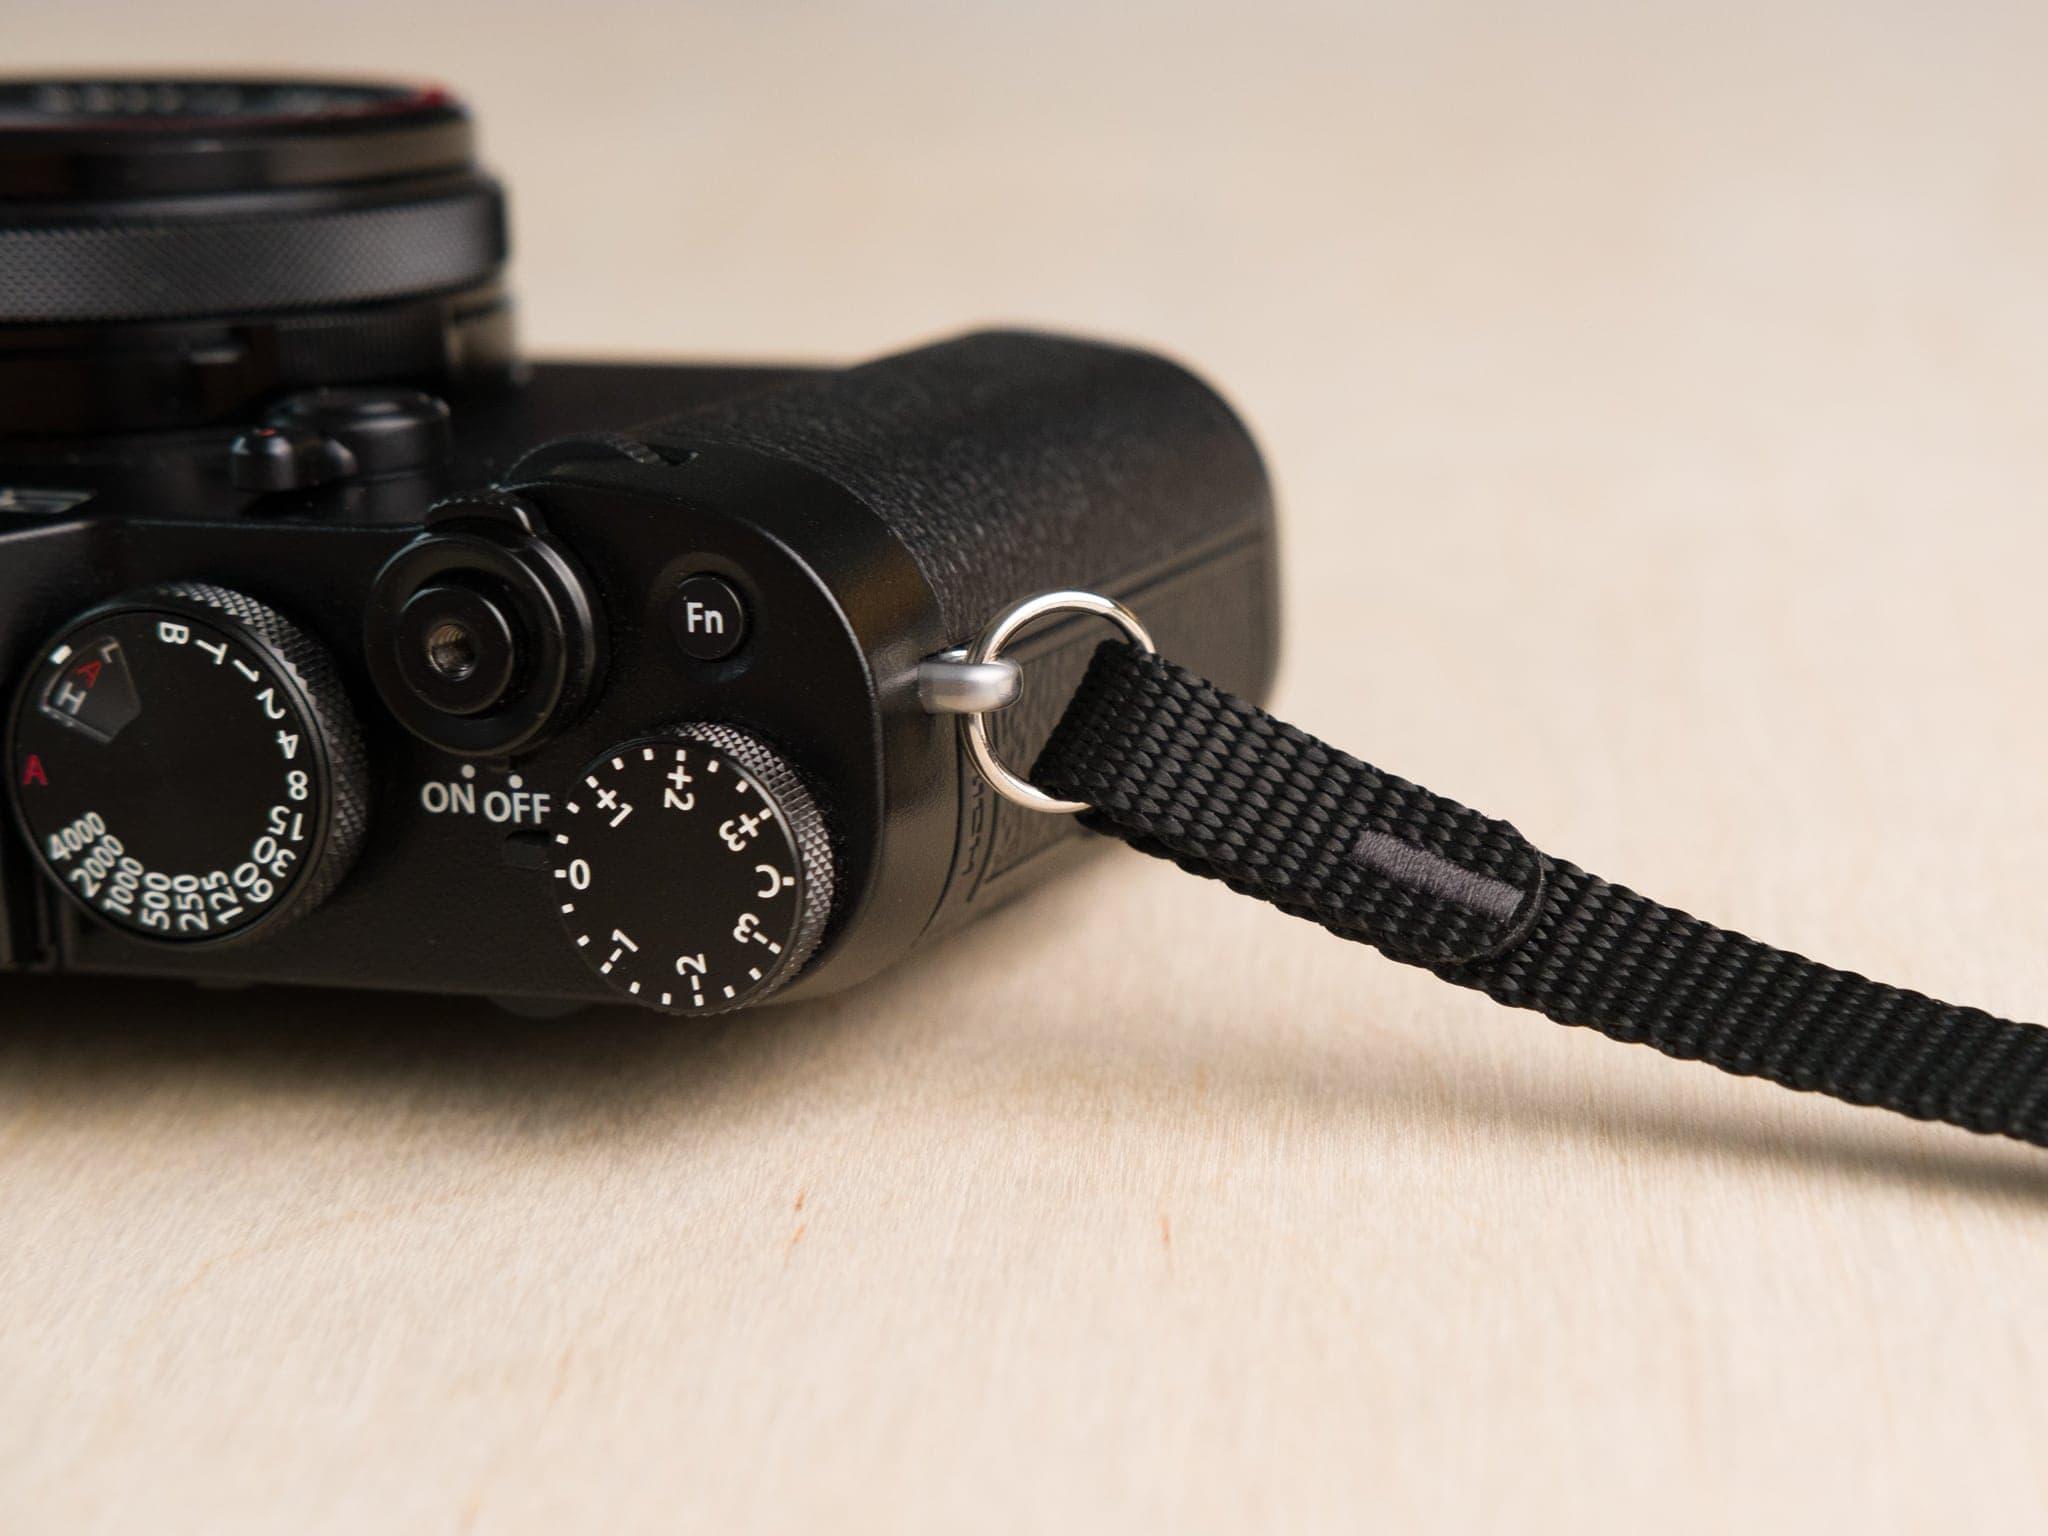 F1 kameros dirželio detalė